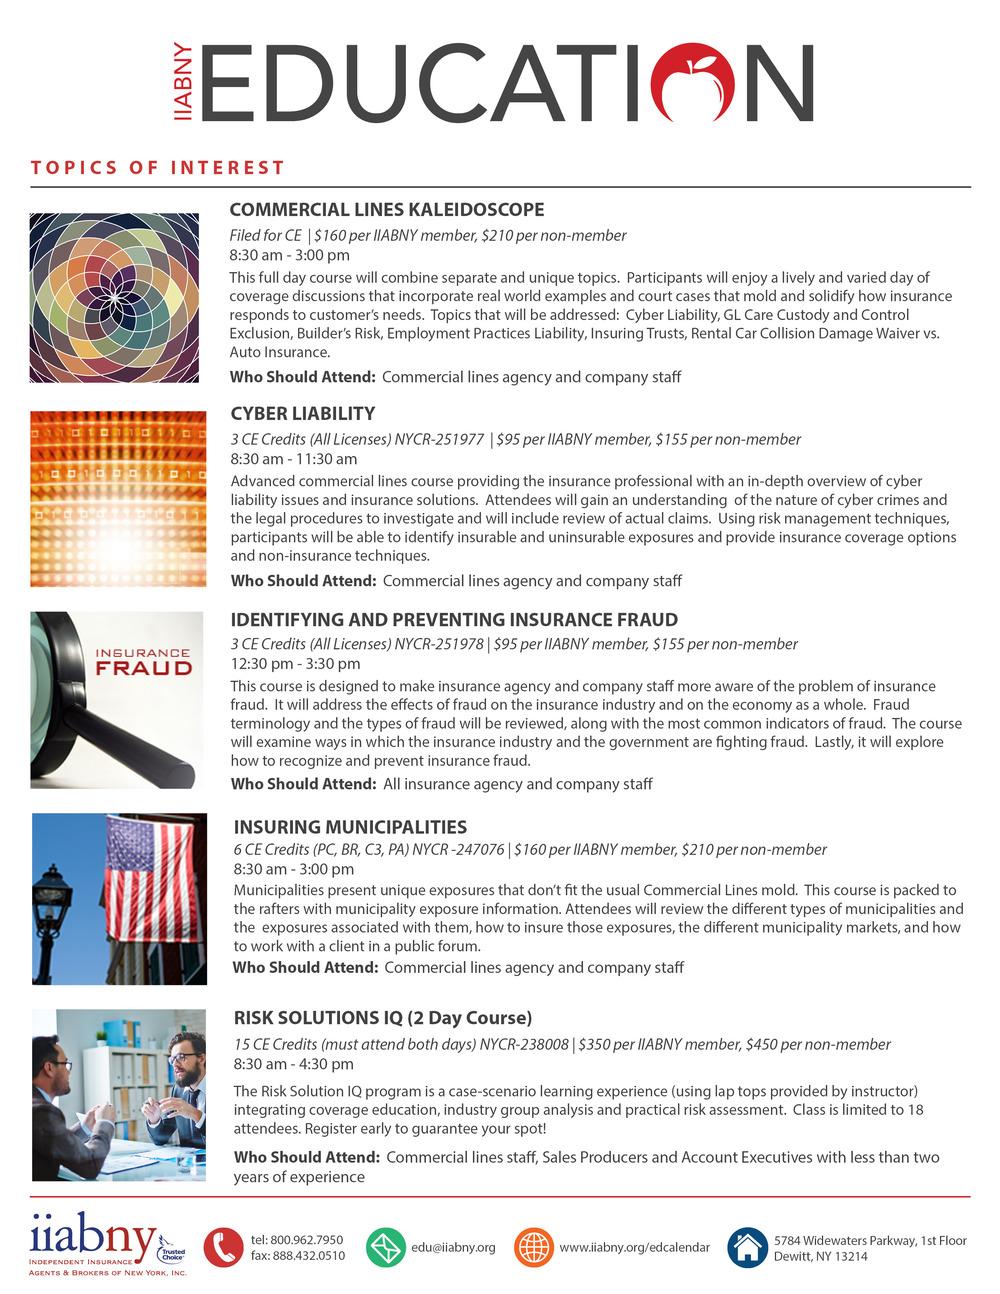 Ed_Catalogue.jpg